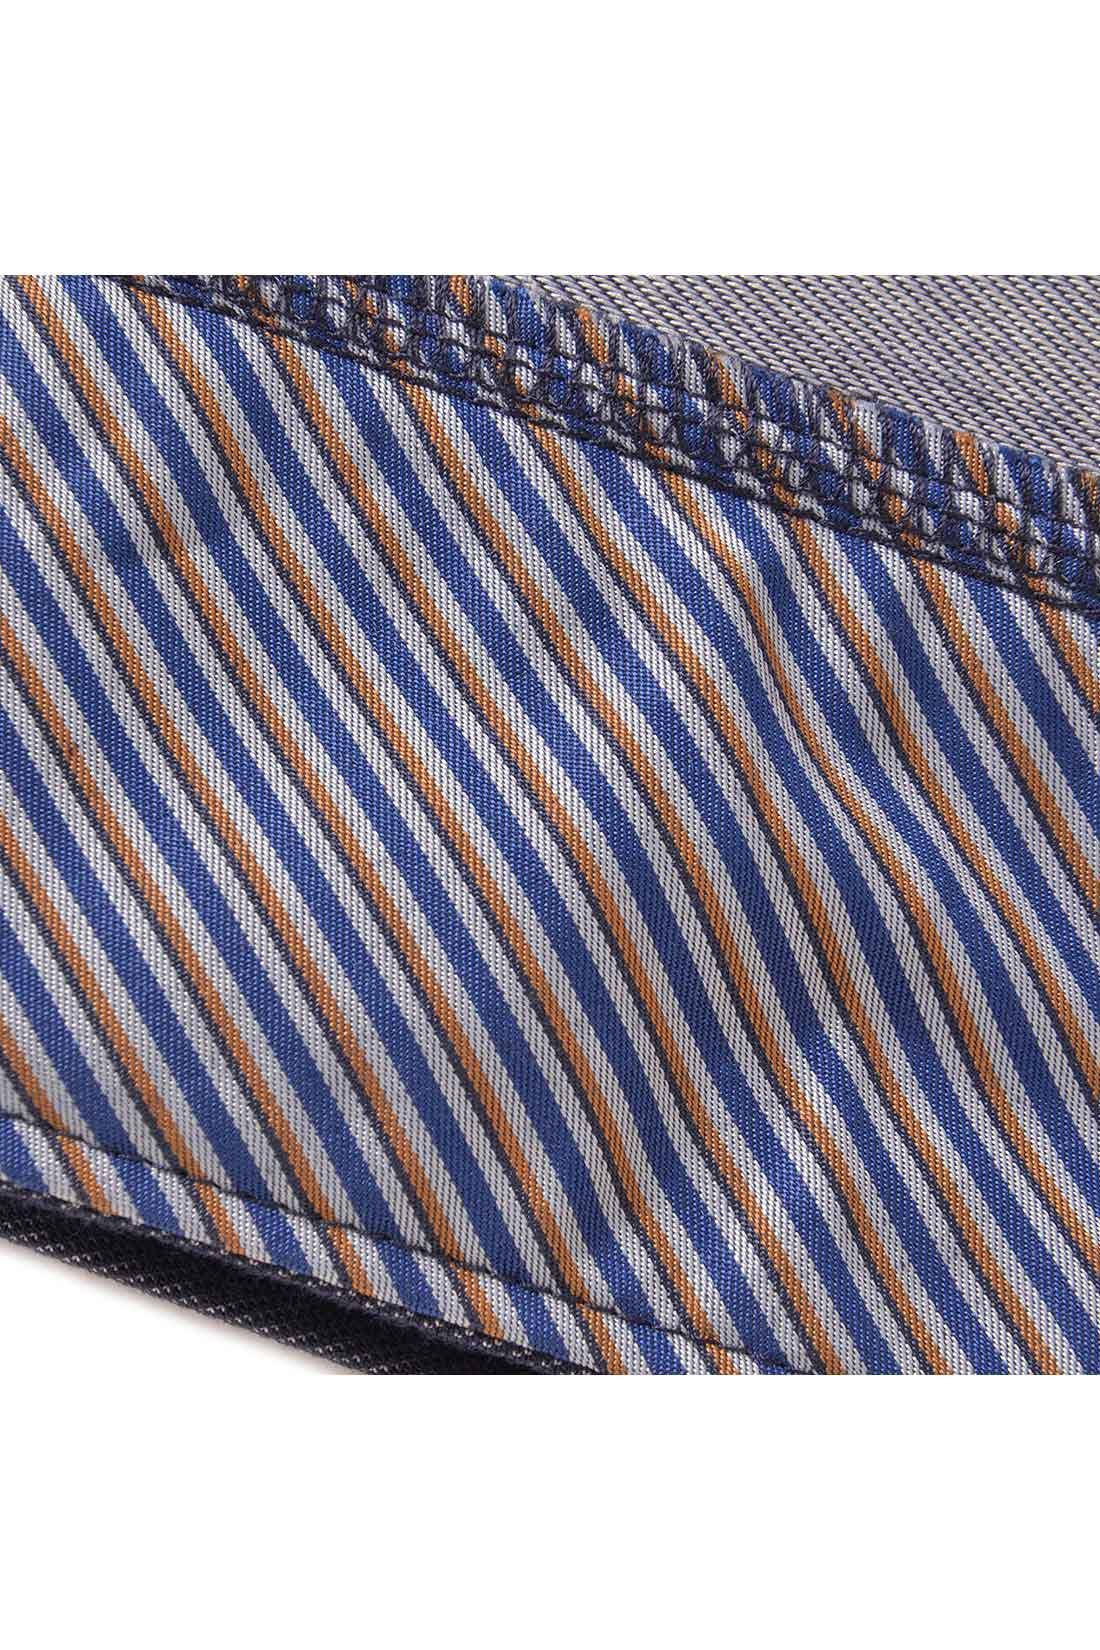 袖裏と背裏の生地は、トラディショナルな柄。